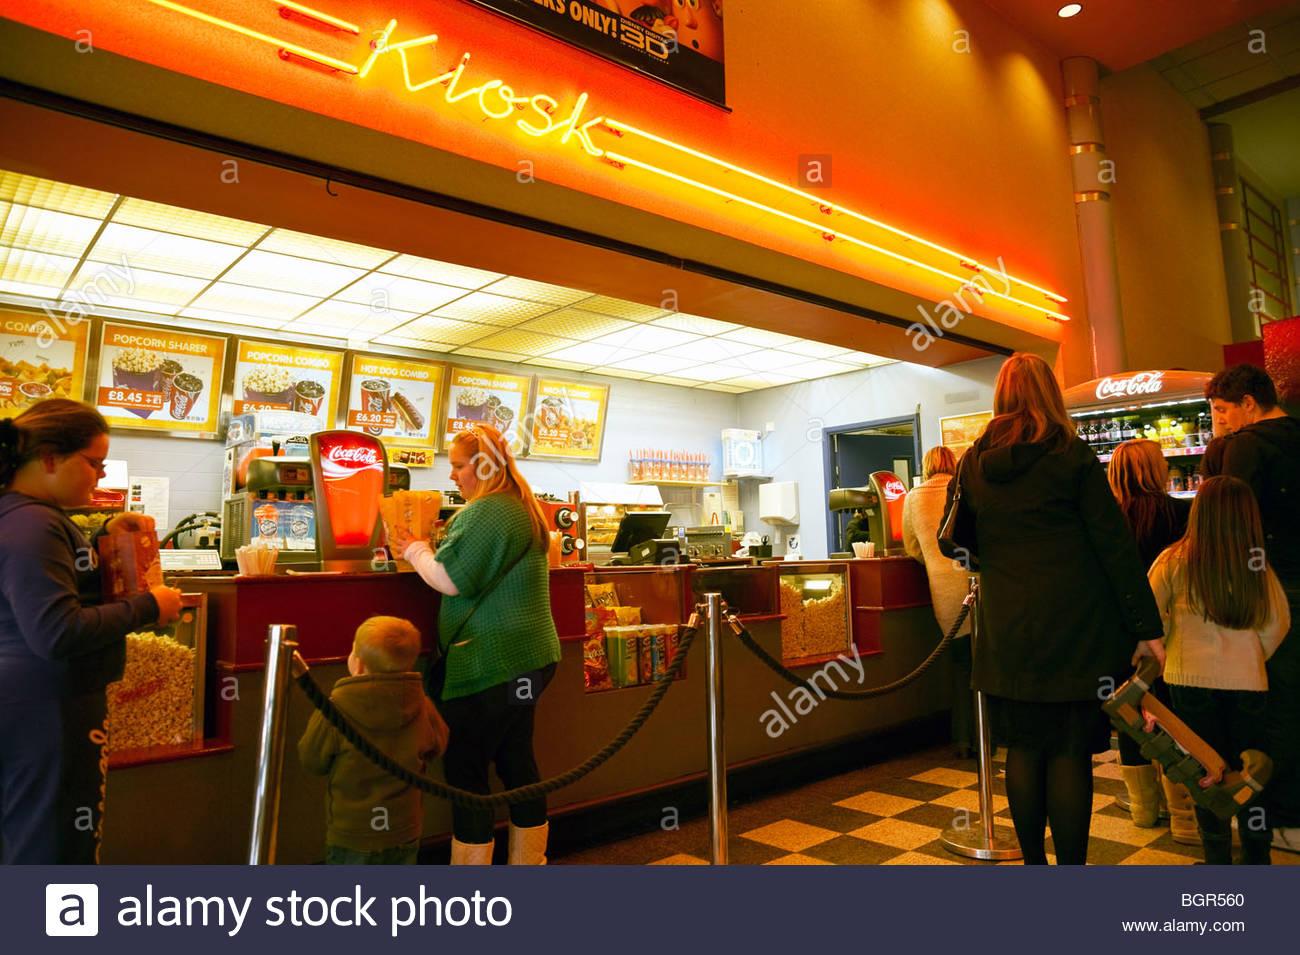 Kino-Kiosk mit Popcorn, Coca Cola und heiße Getränke, Gloucester ...